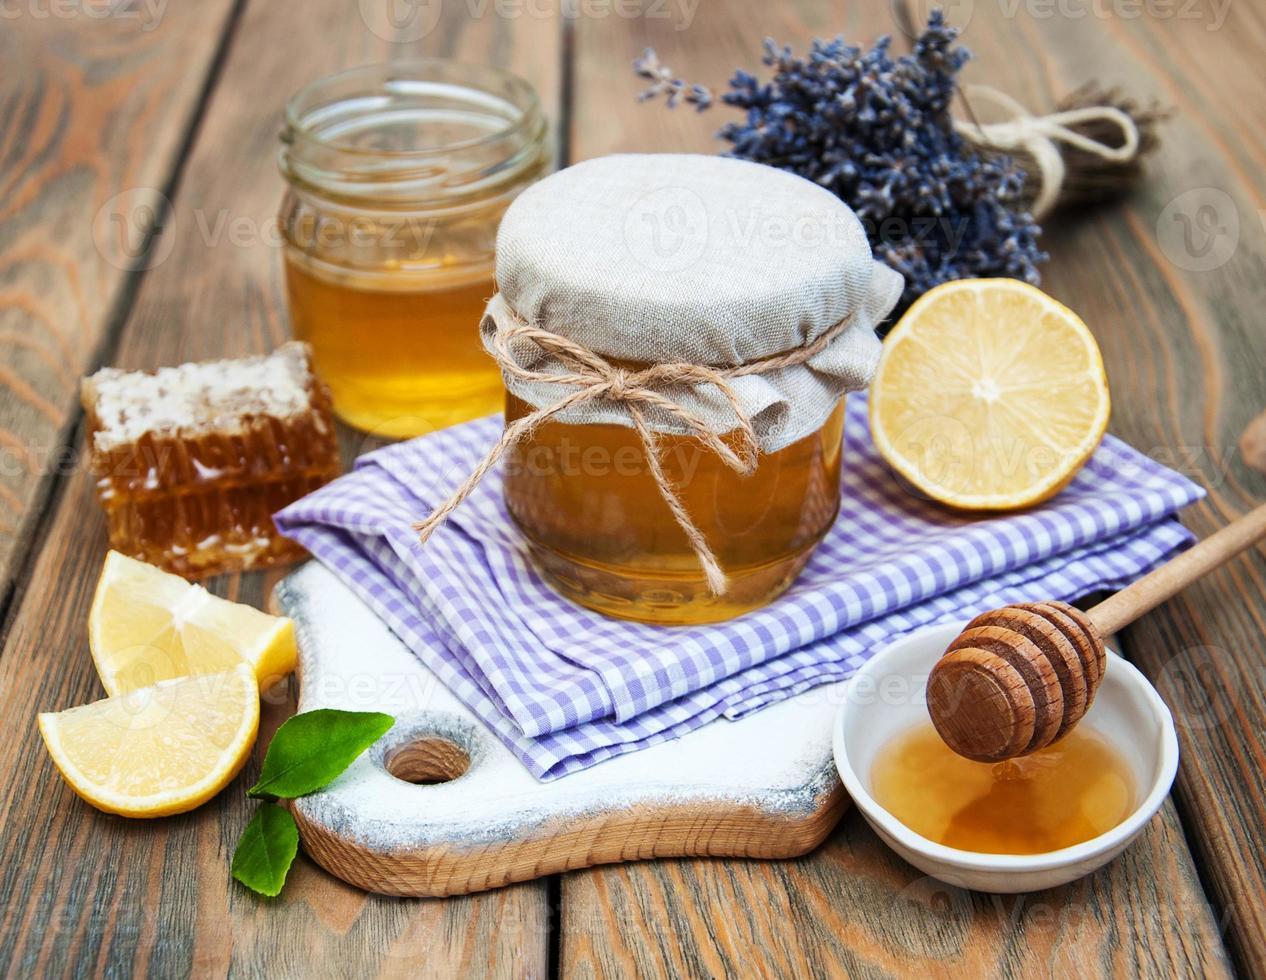 honung, lavendel och citron foto